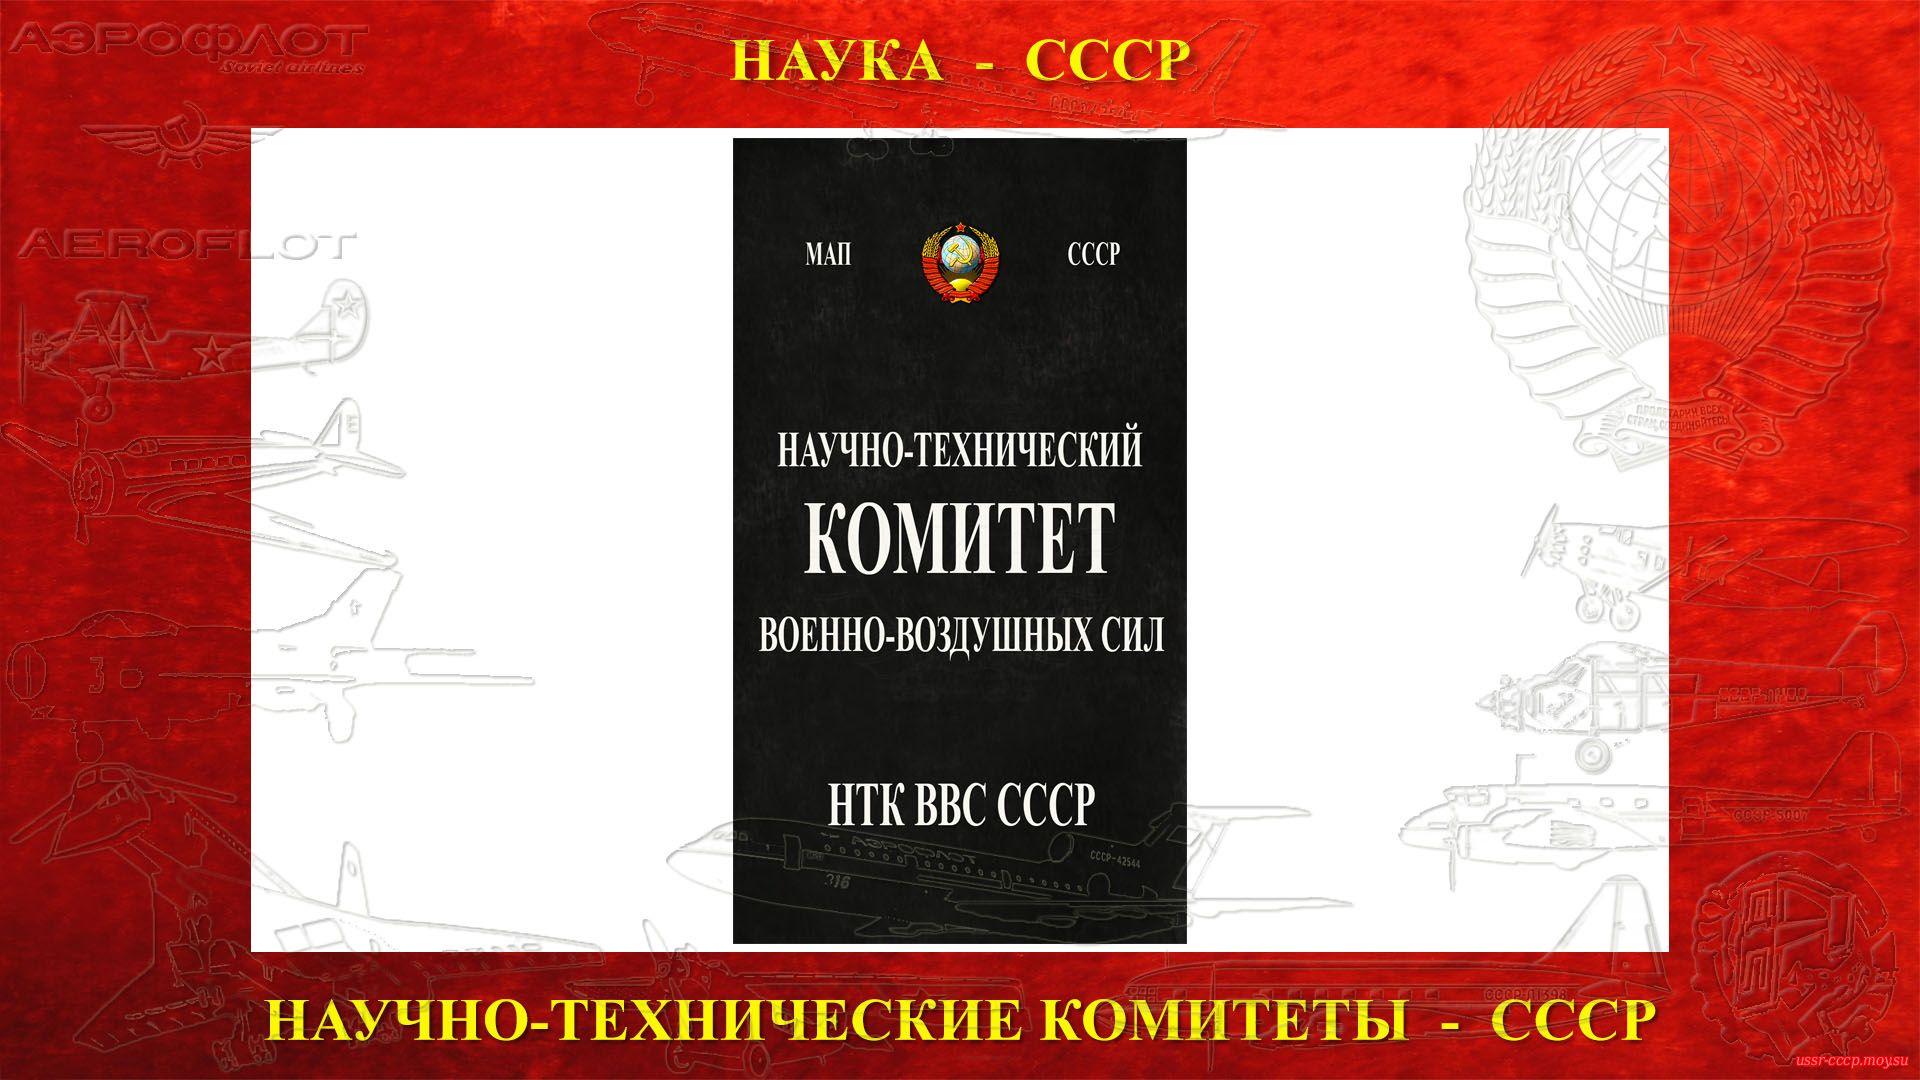 НТК ВВС СССР — Научно-технический комитет Военно-воздушных сил Союза Советских Социалистических Республик.